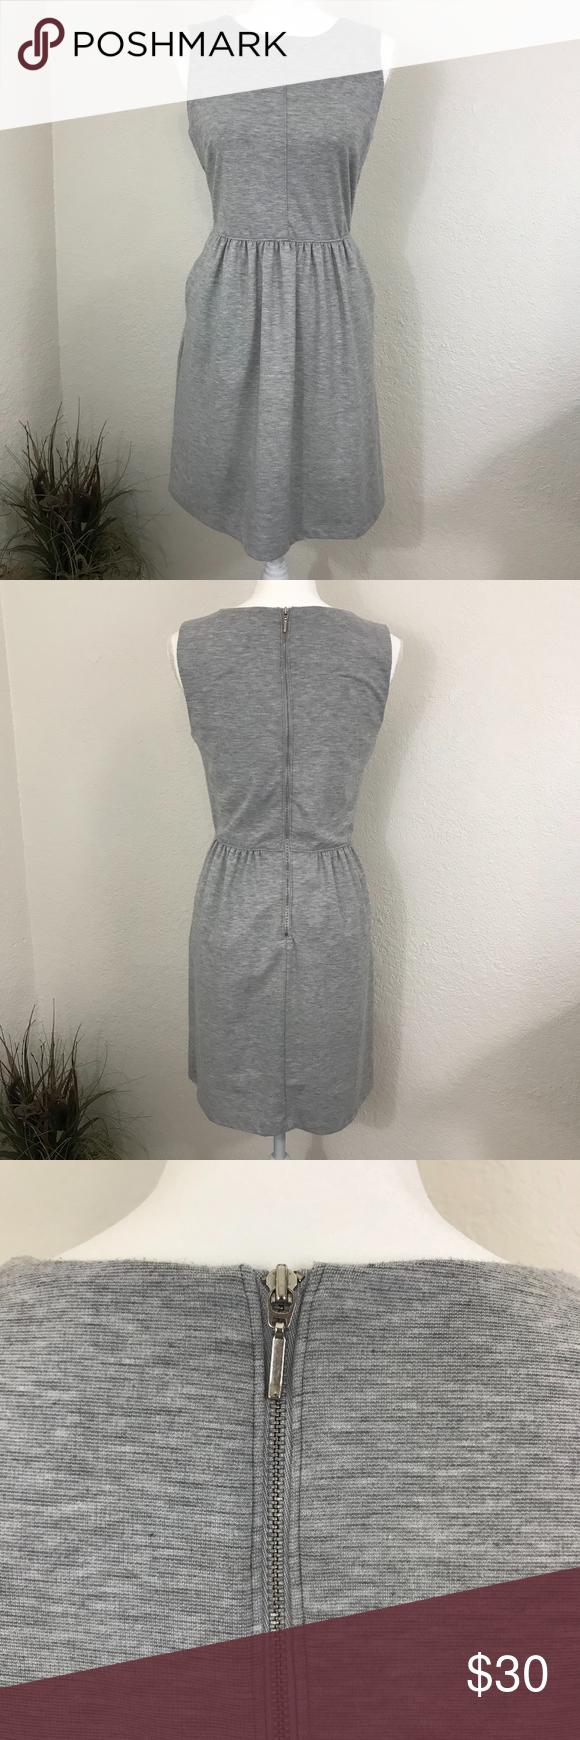 Paraphrase Gray Sleeveles Dres Pocket Sleeveless Grey Dress